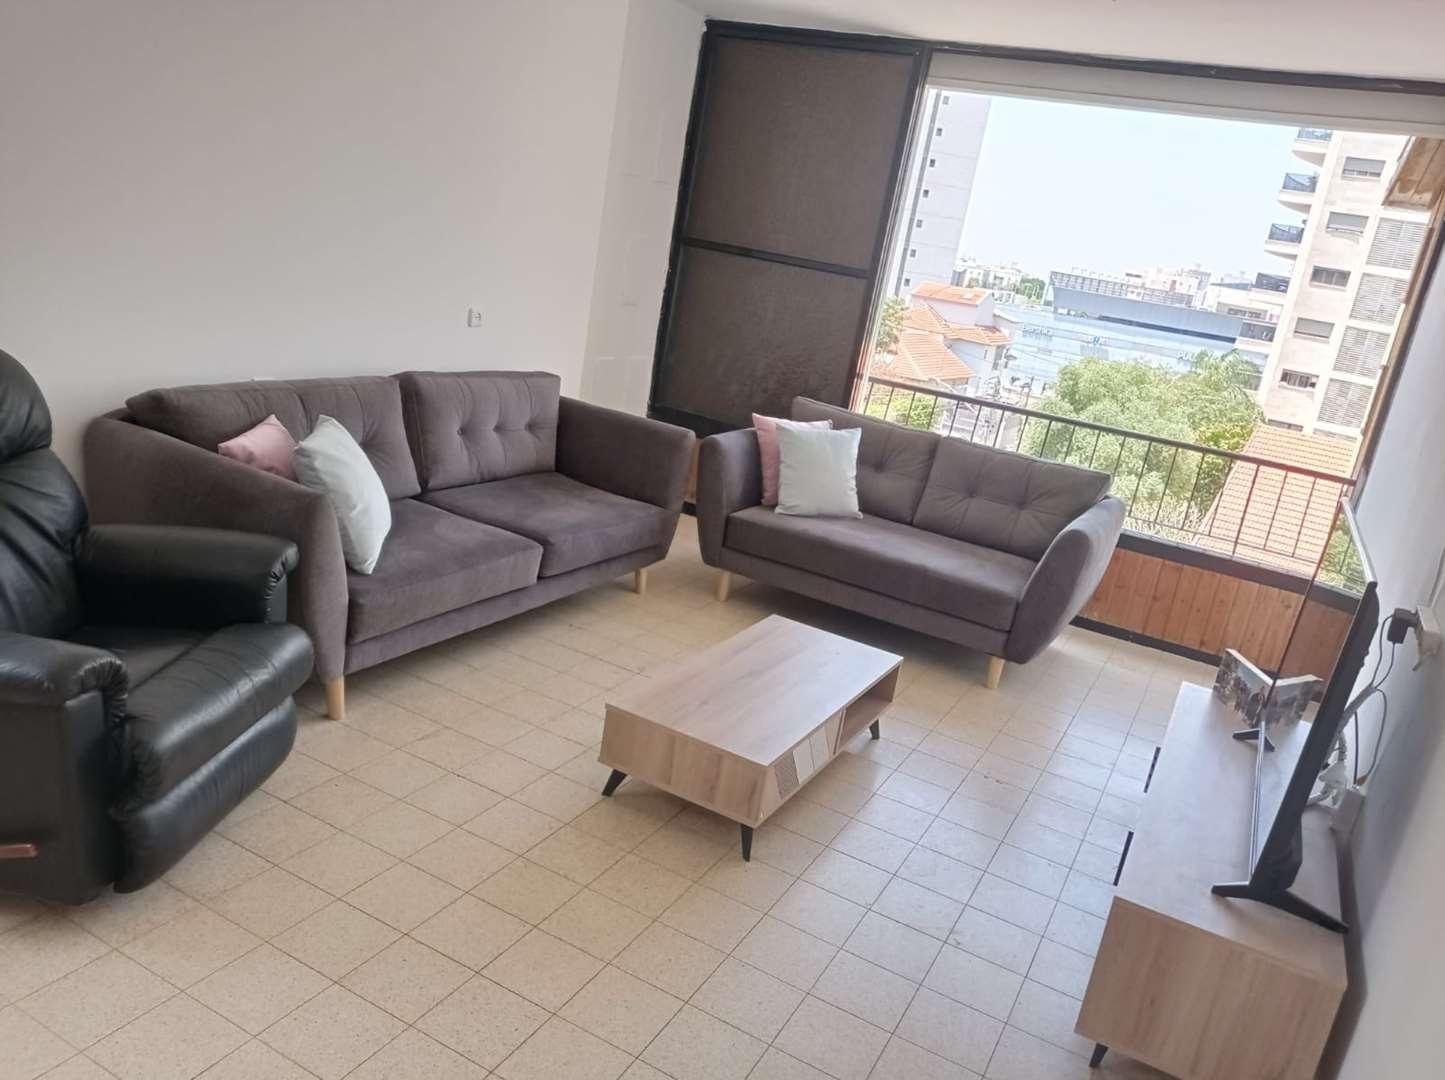 דירה למכירה 4 חדרים ברחובות זאב ז'בוטינסקי